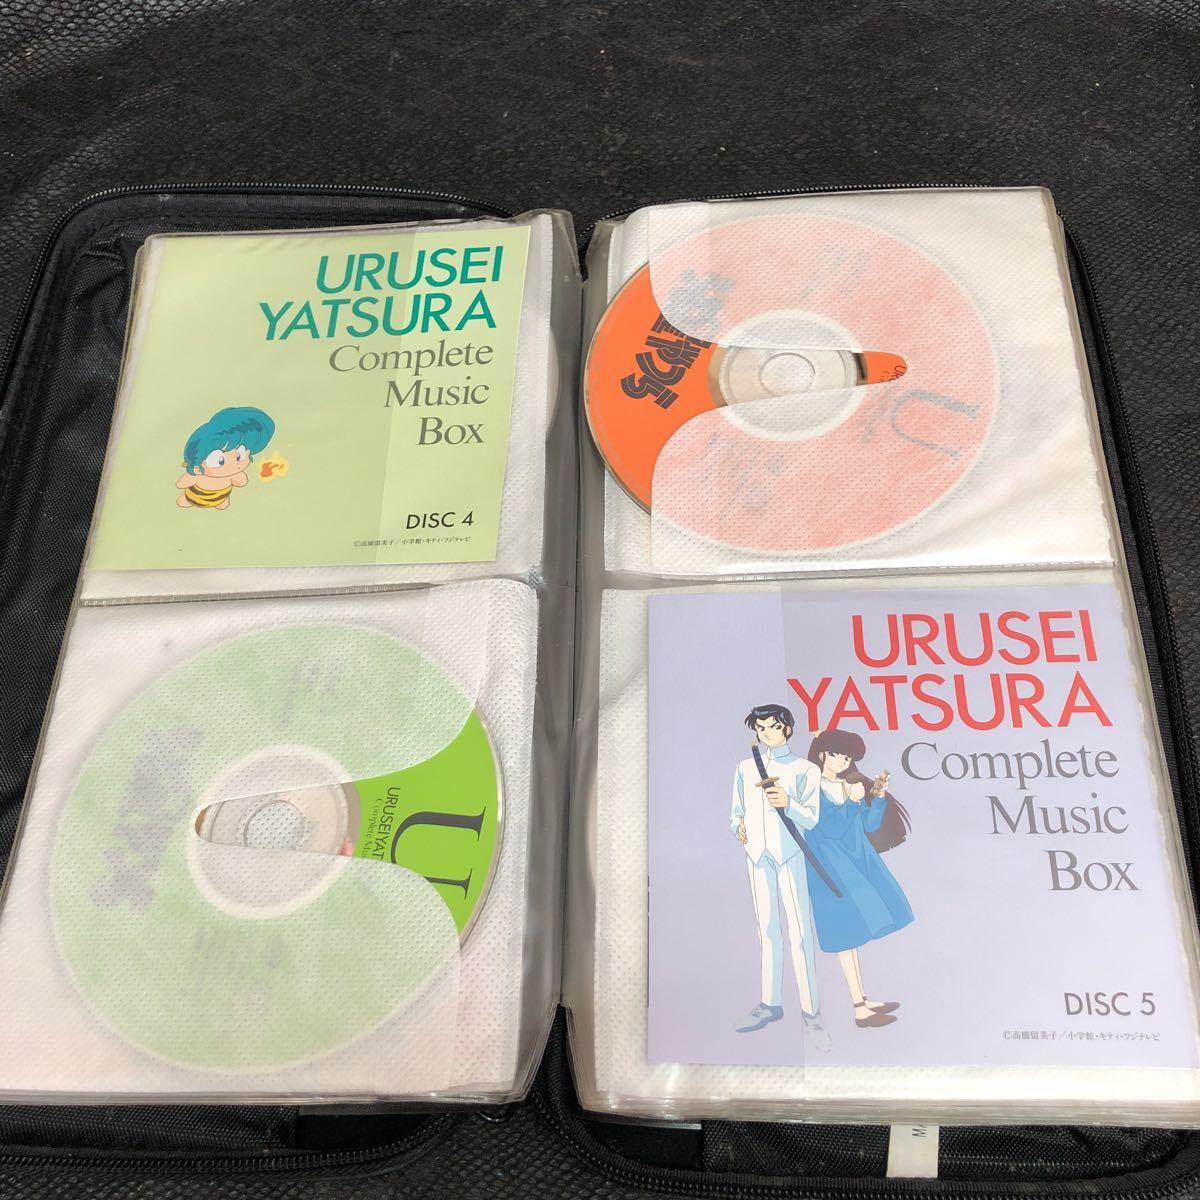 【アニメ】うる星やつら コンプリート・ミュージック・ボックス 全13枚組 ボーナスディスク2枚付き コレクション 盤綺麗です_画像3